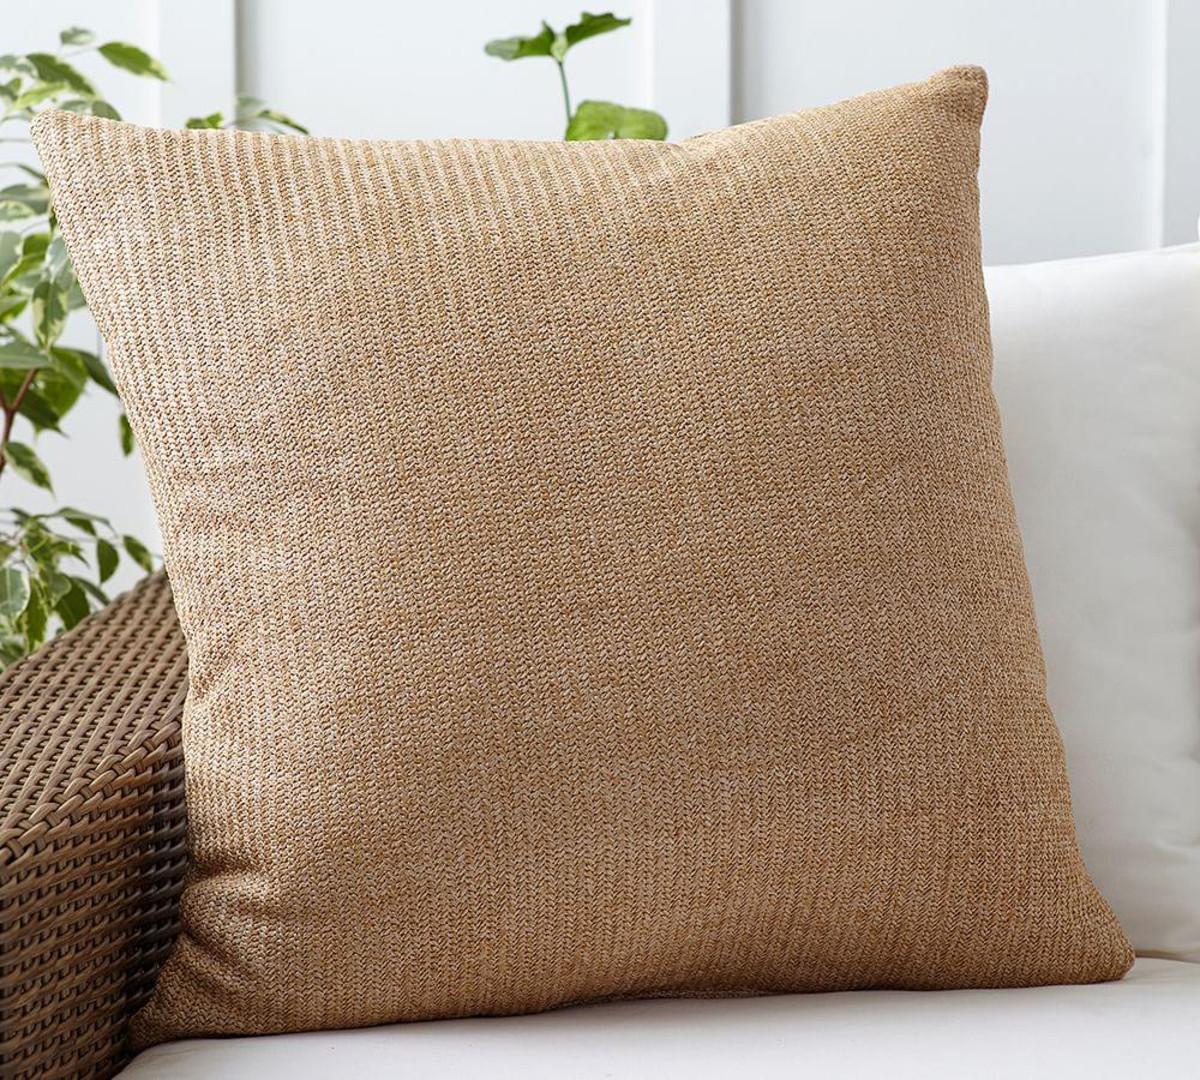 Natural Fiber Pillow